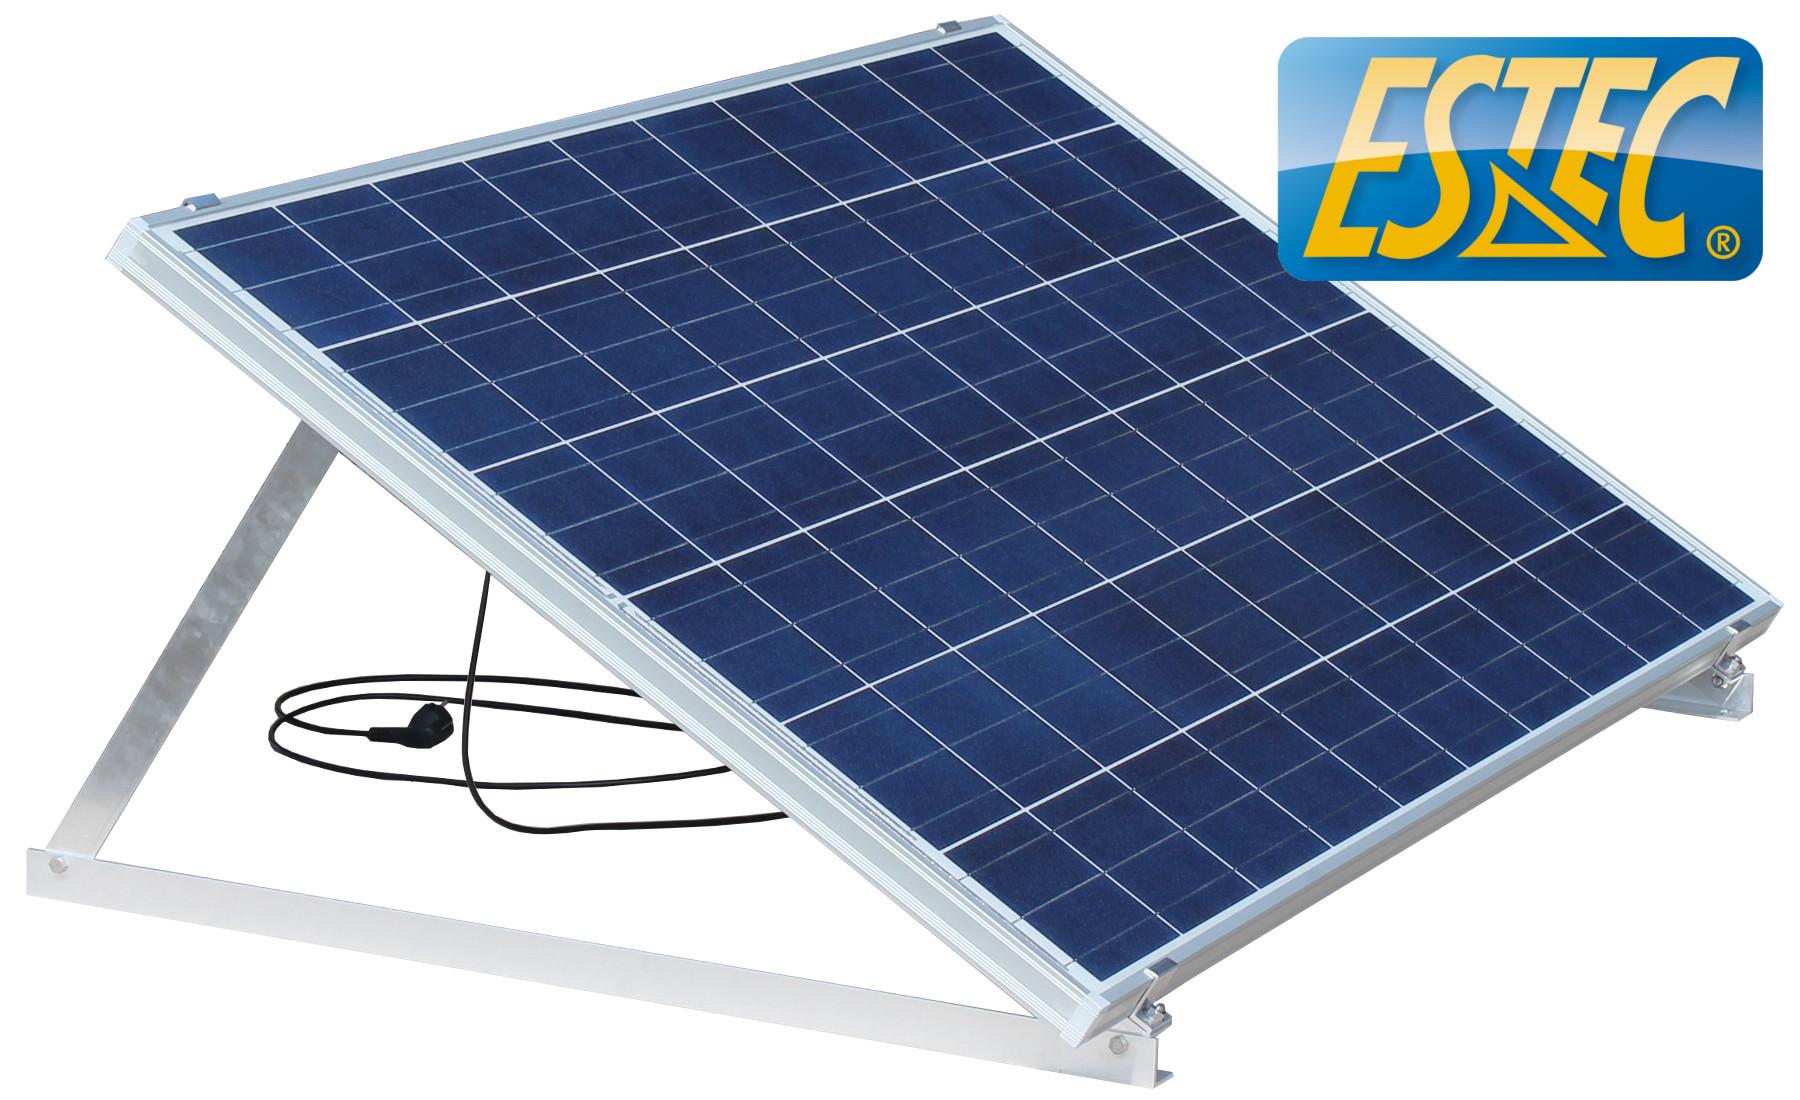 unsere mini photovoltaik anlage erzeugt jetzt ihren strom estec solar. Black Bedroom Furniture Sets. Home Design Ideas